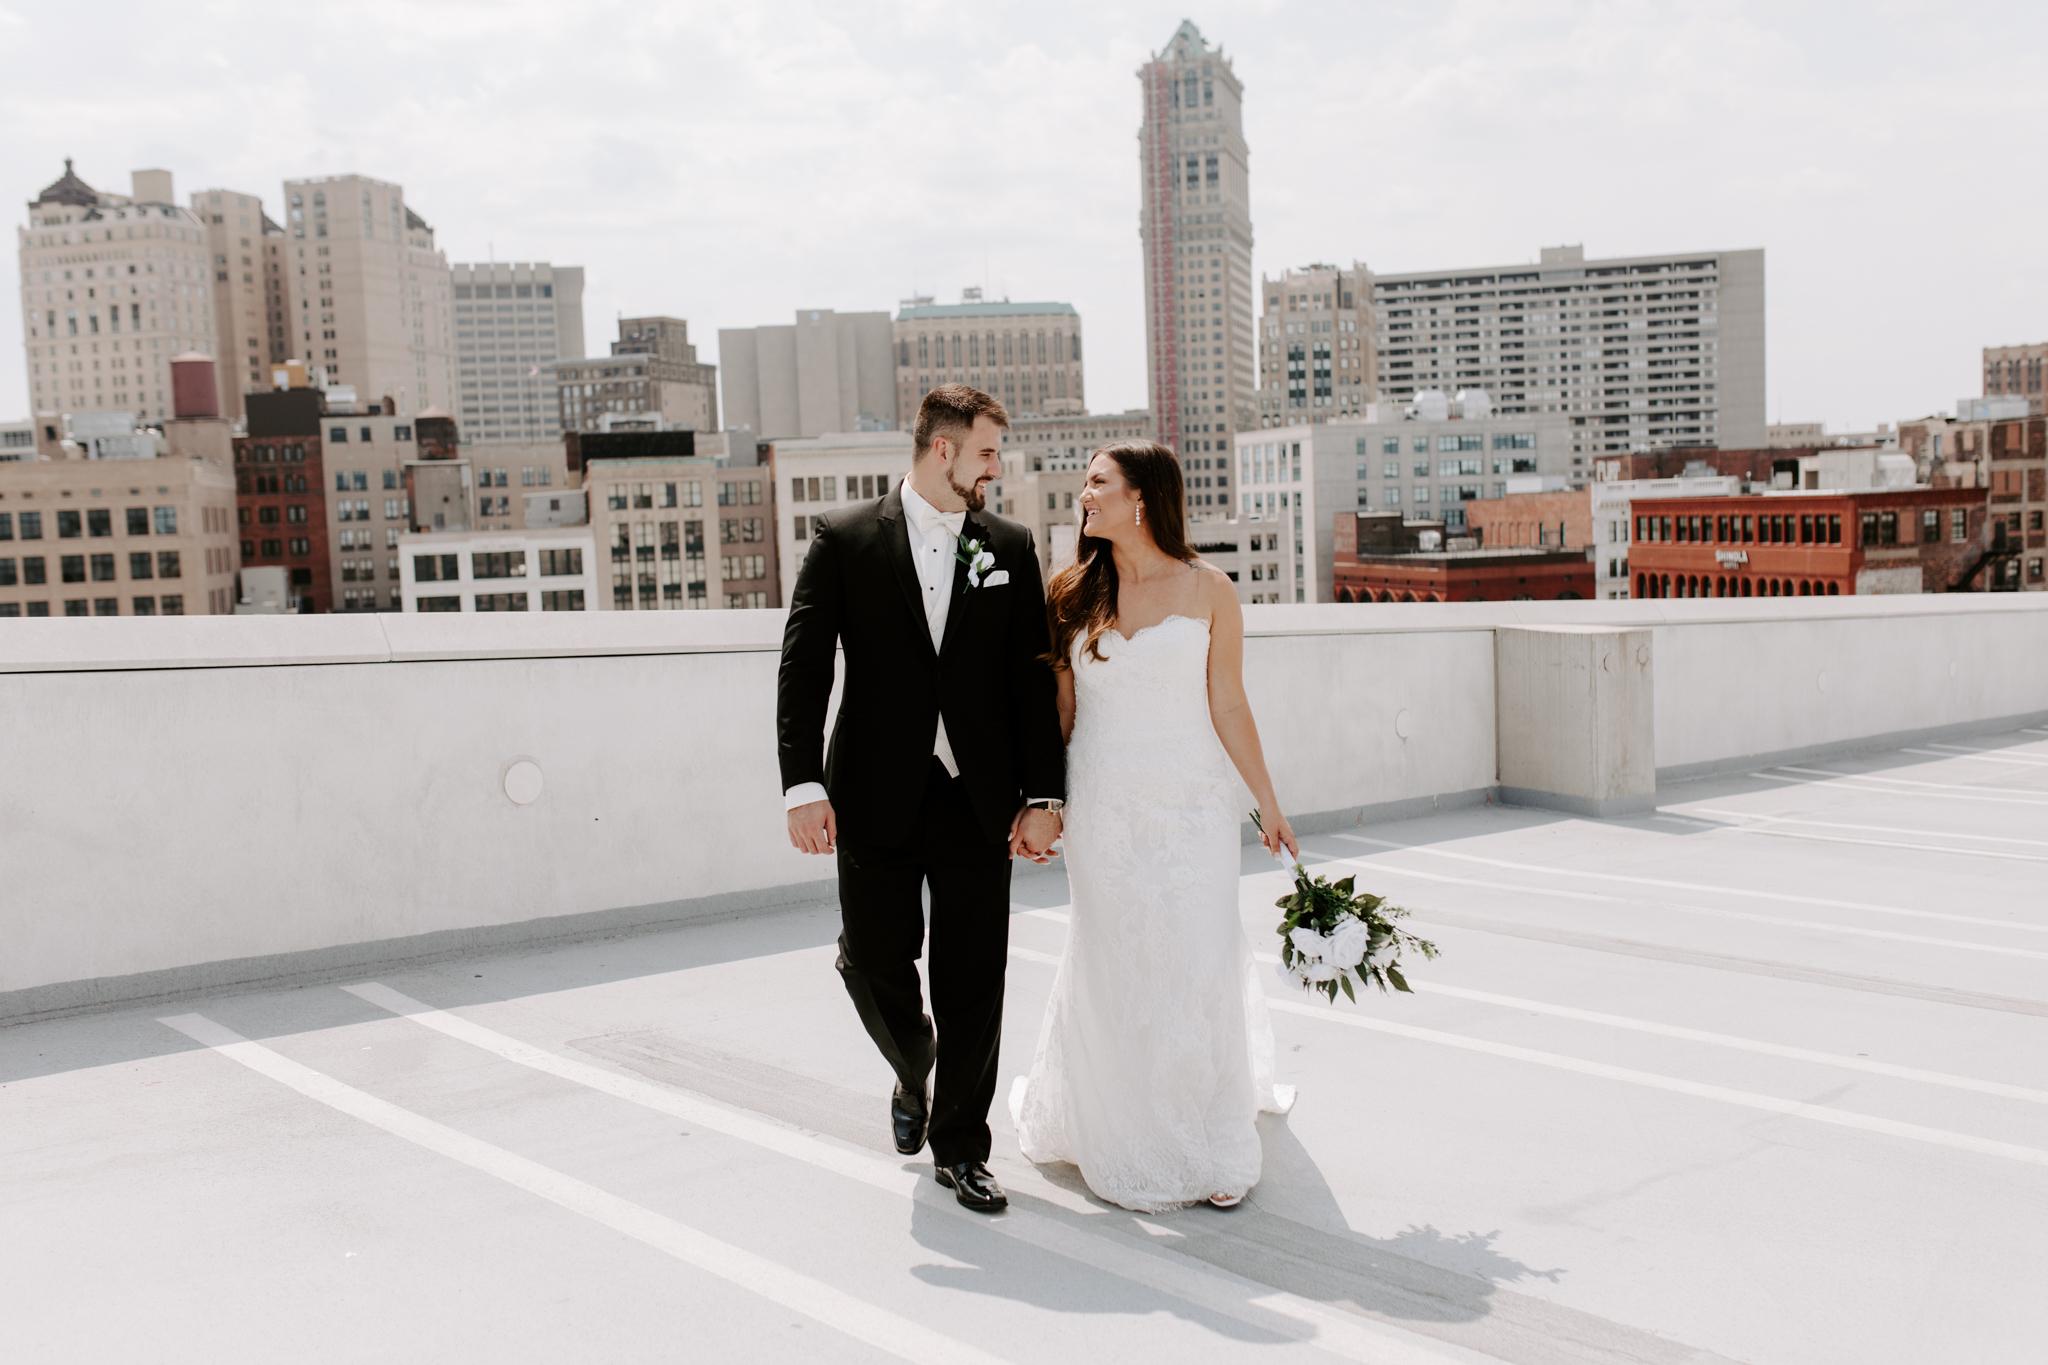 detroit-michigan-wedding-photographer-watermark (34 of 74).jpg